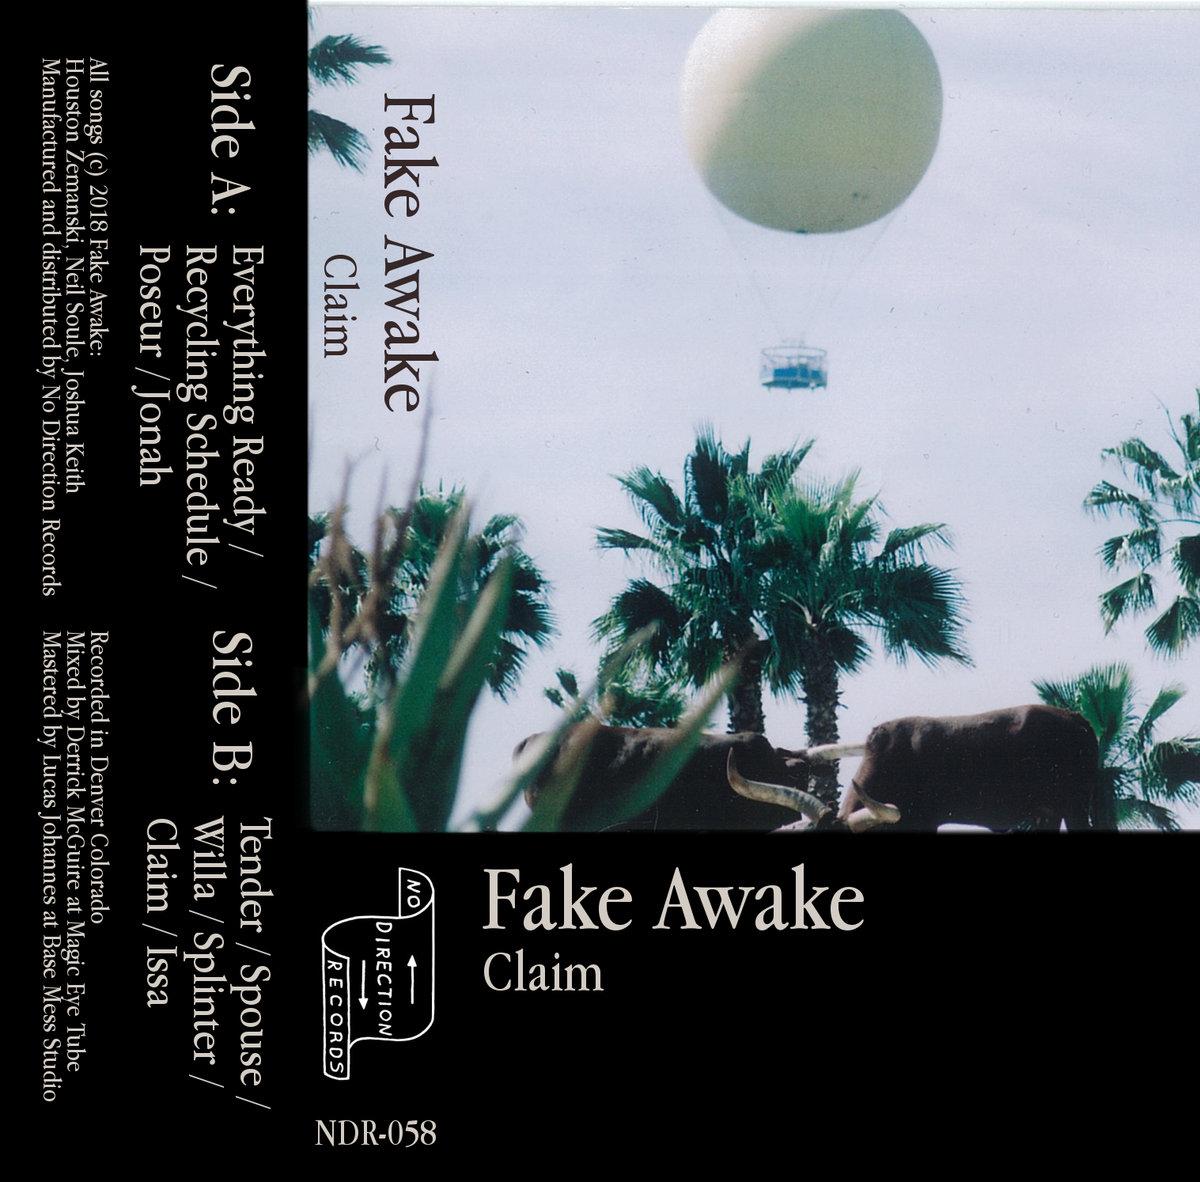 Fake Awake